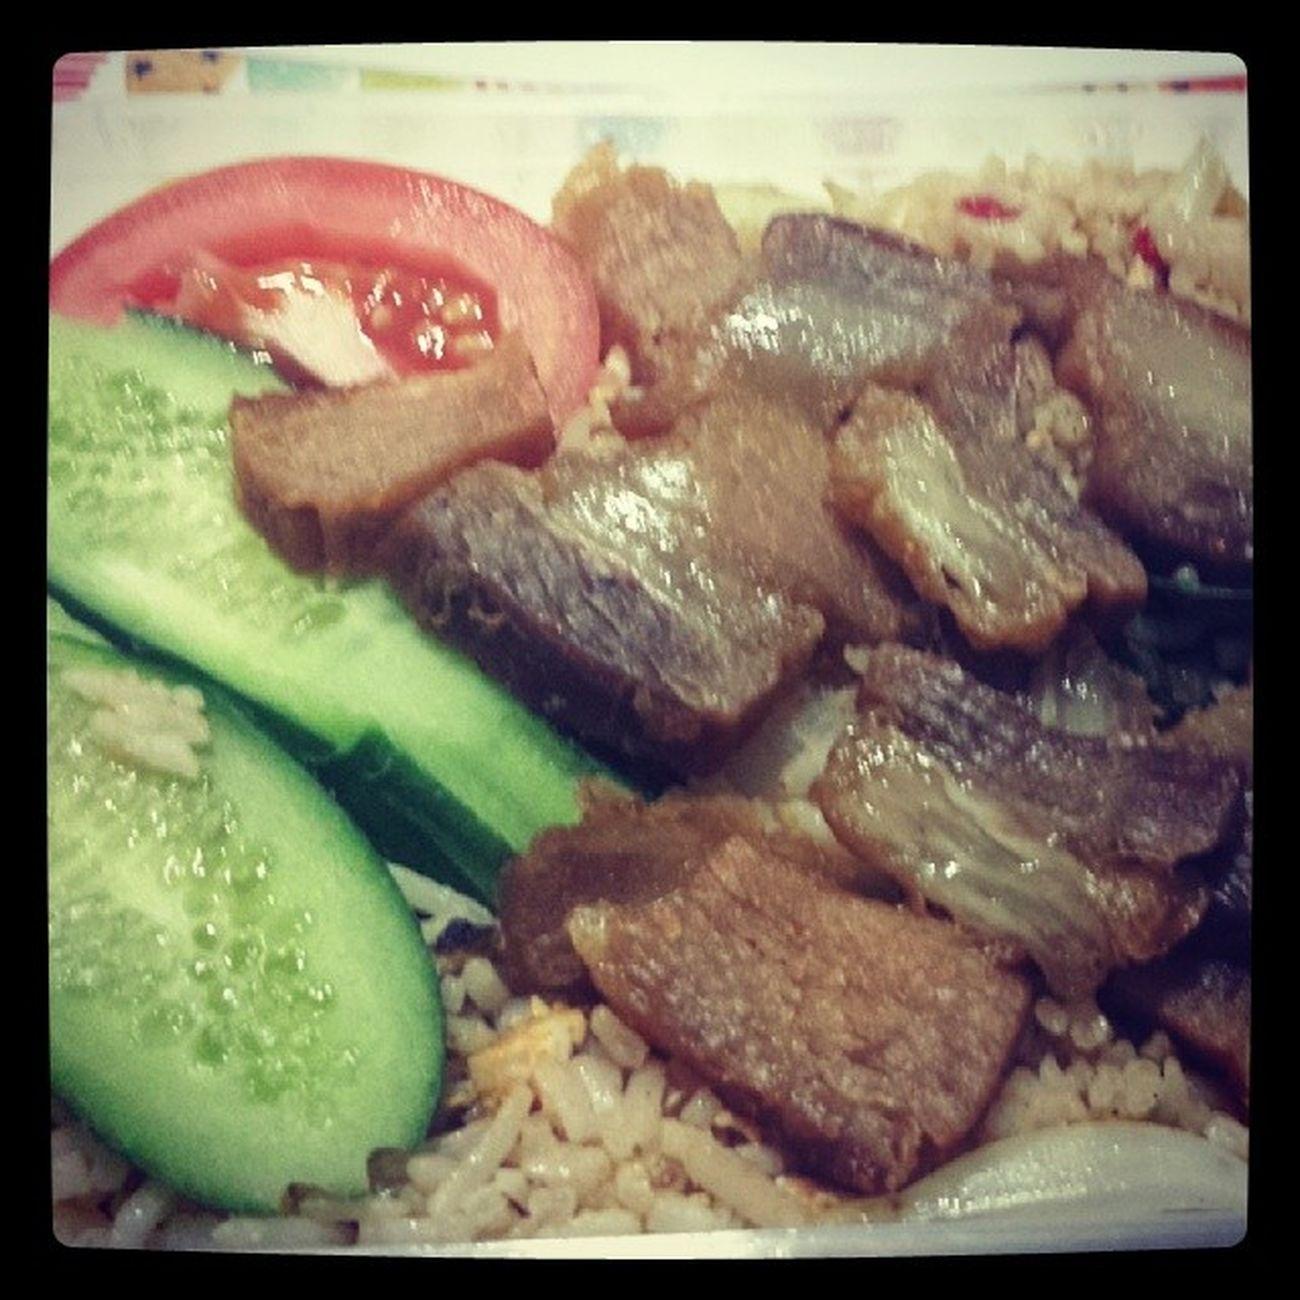 Take Away. Thai Nofood Nocook haha